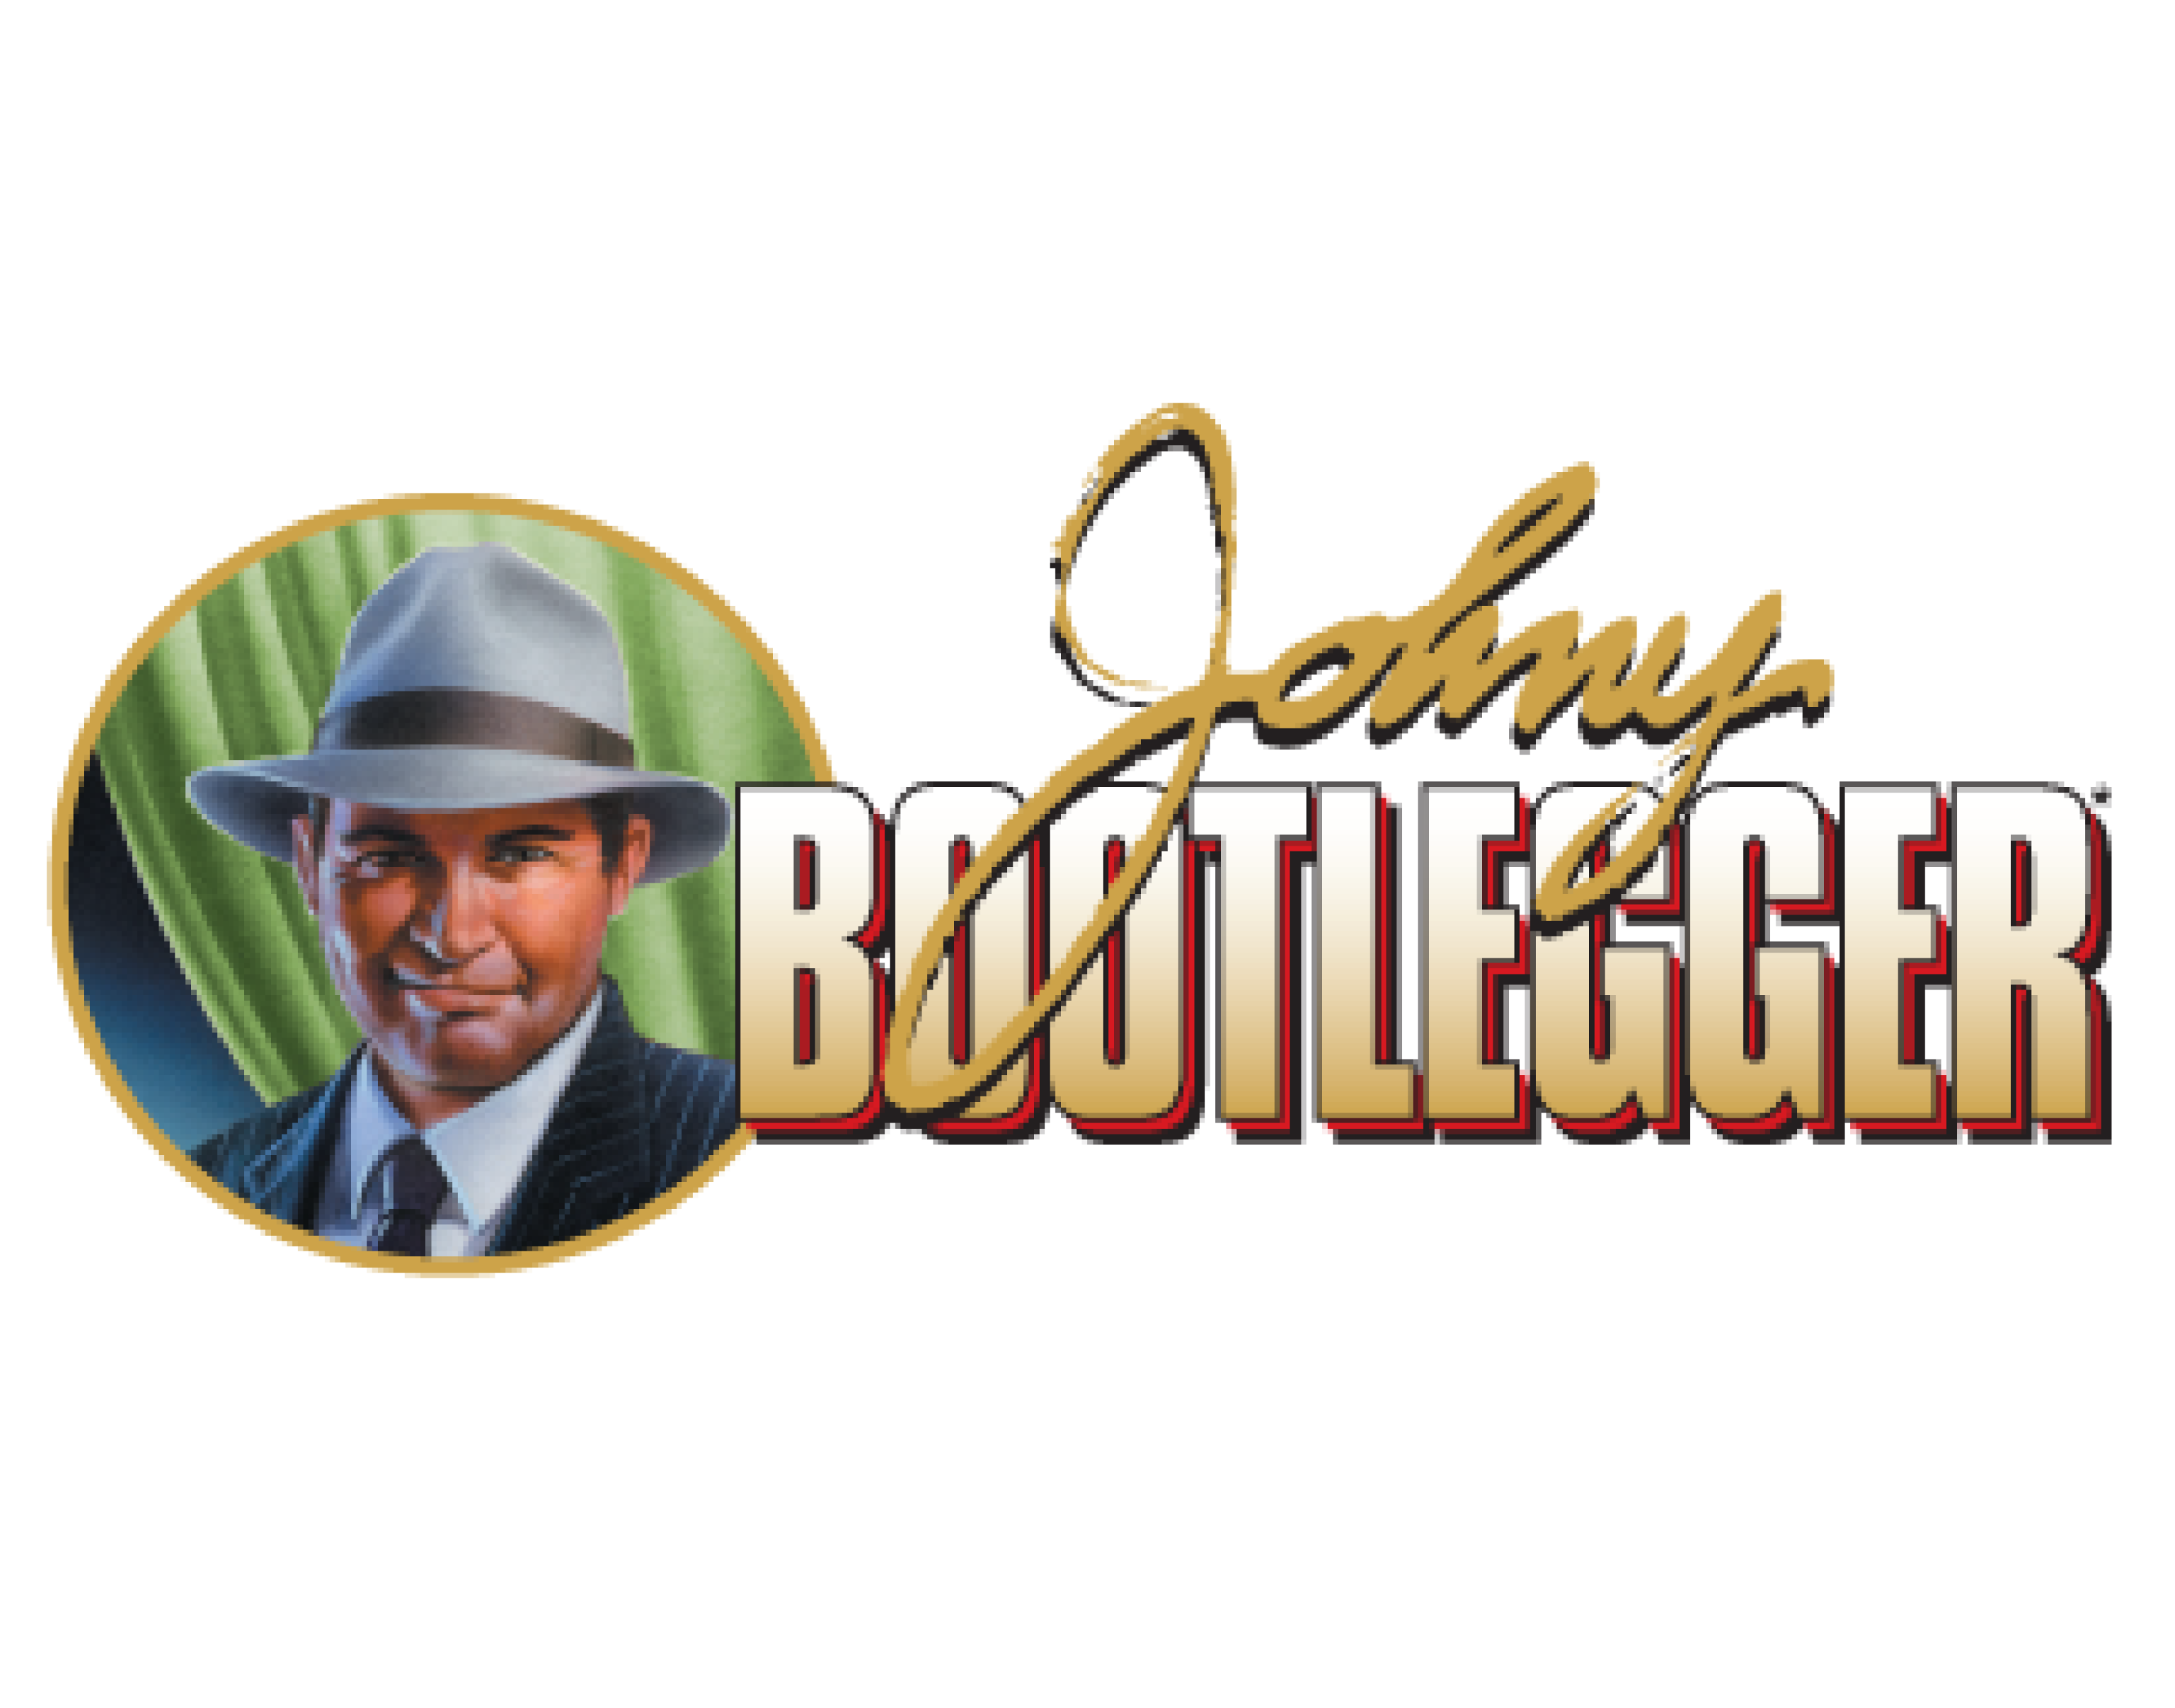 Johny Bootlegger logo. Links to Johny Bootlegger website.